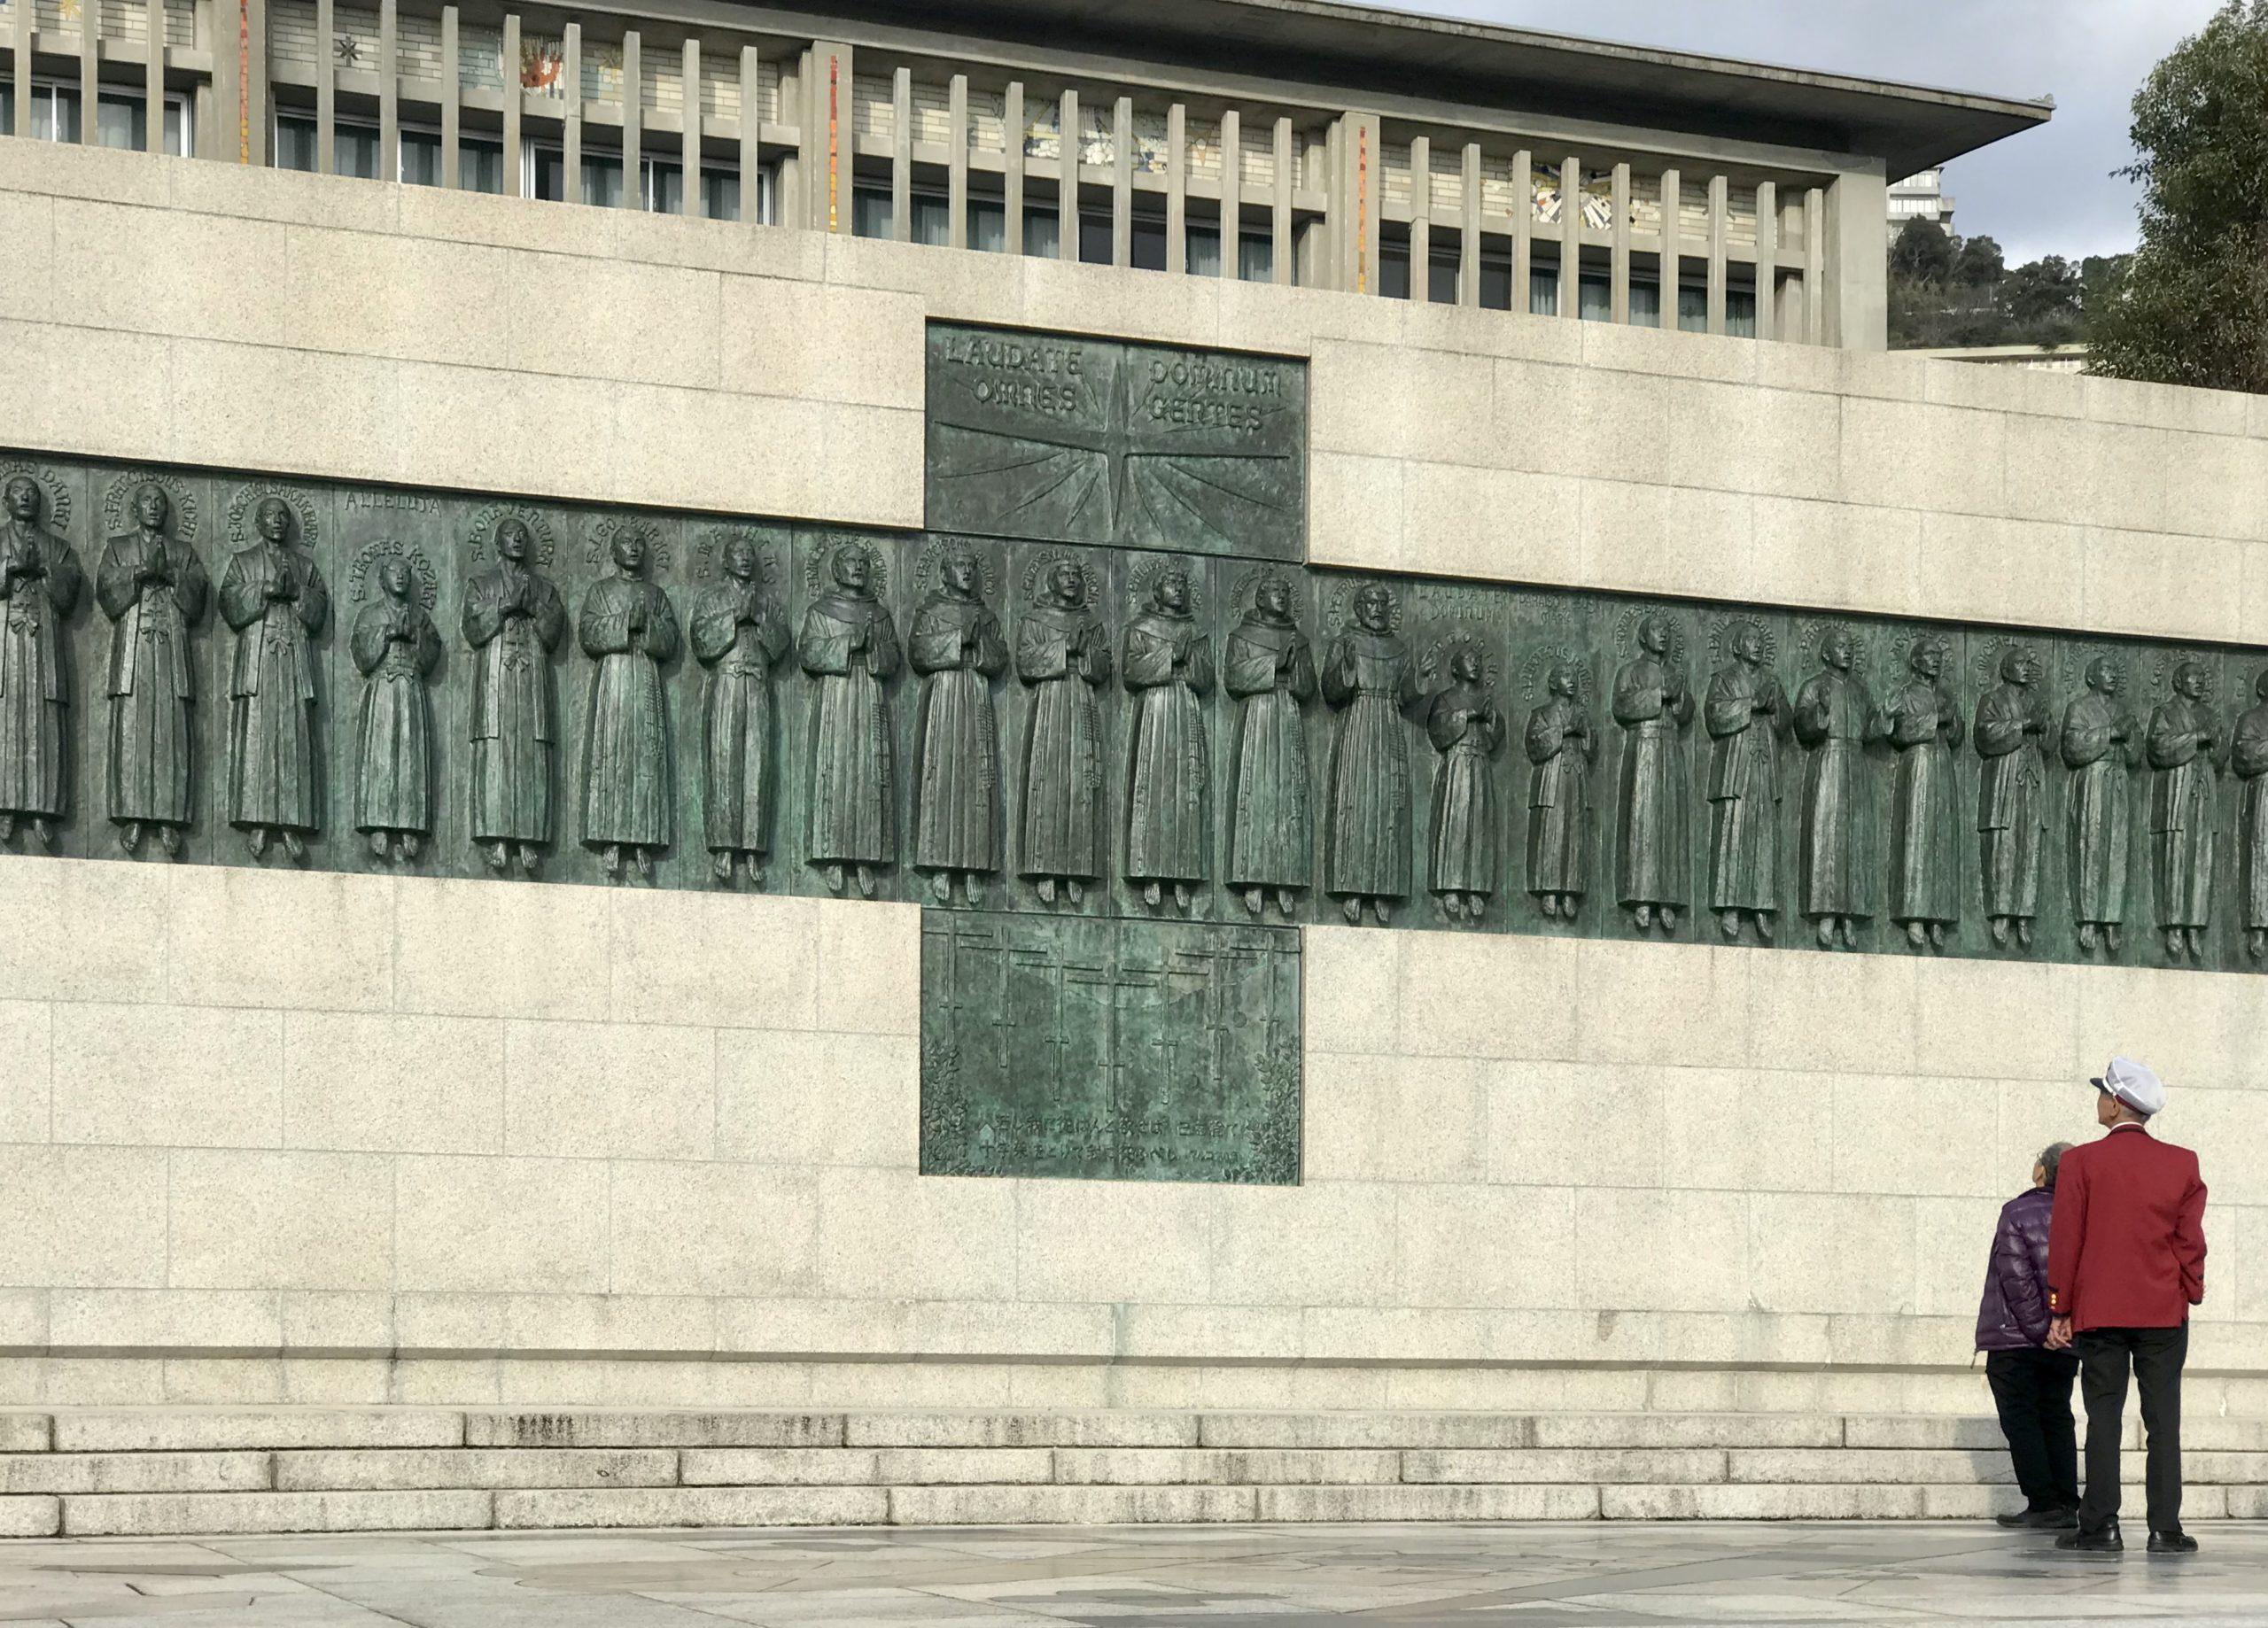 Monument à la mémoire des Vingt-Six chrétiens martyrs de Nagasaki